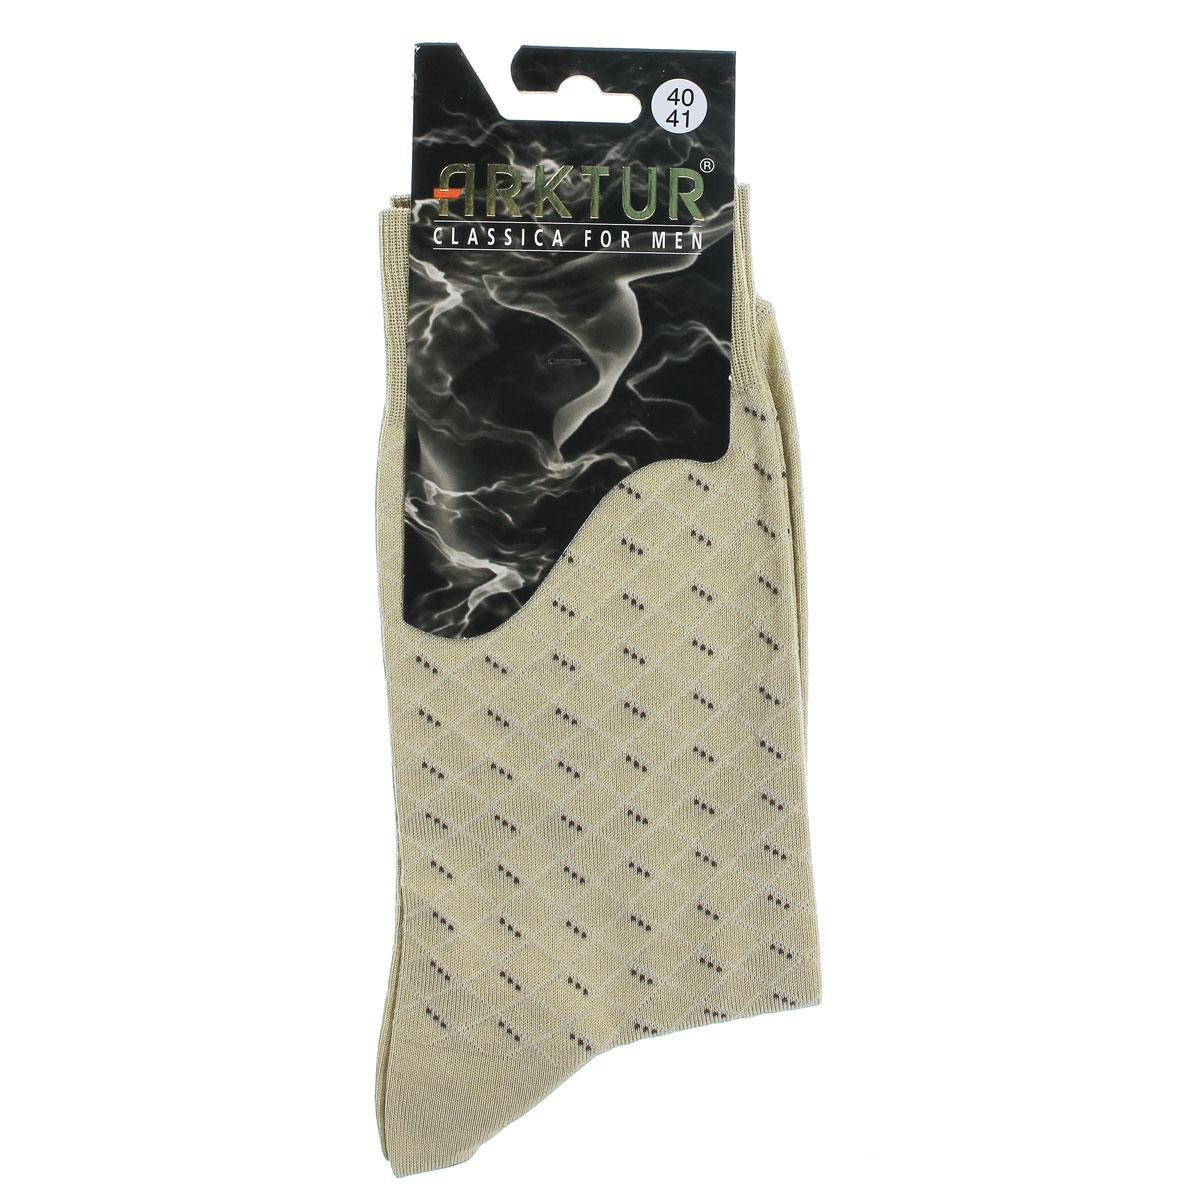 Носки мужские Arktur, цвет: бежевый. Л161. Размер 44/45Л161Мужские носки Arktur престижного класса. Носки превосходного качества из мерсеризованного хлопка отличаются гладкой текстурой и шелковистостью, что создает приятное ощущение нежности и прохлады. Эргономичная резинка пресс-контроль комфортно облегает ногу. Носки обладают повышенной прочностью, не подвержены усадке. Усиленная пятка и мысок. Удлиненный паголенок.Идеальное сочетание практичности, комфорта и элегантности!